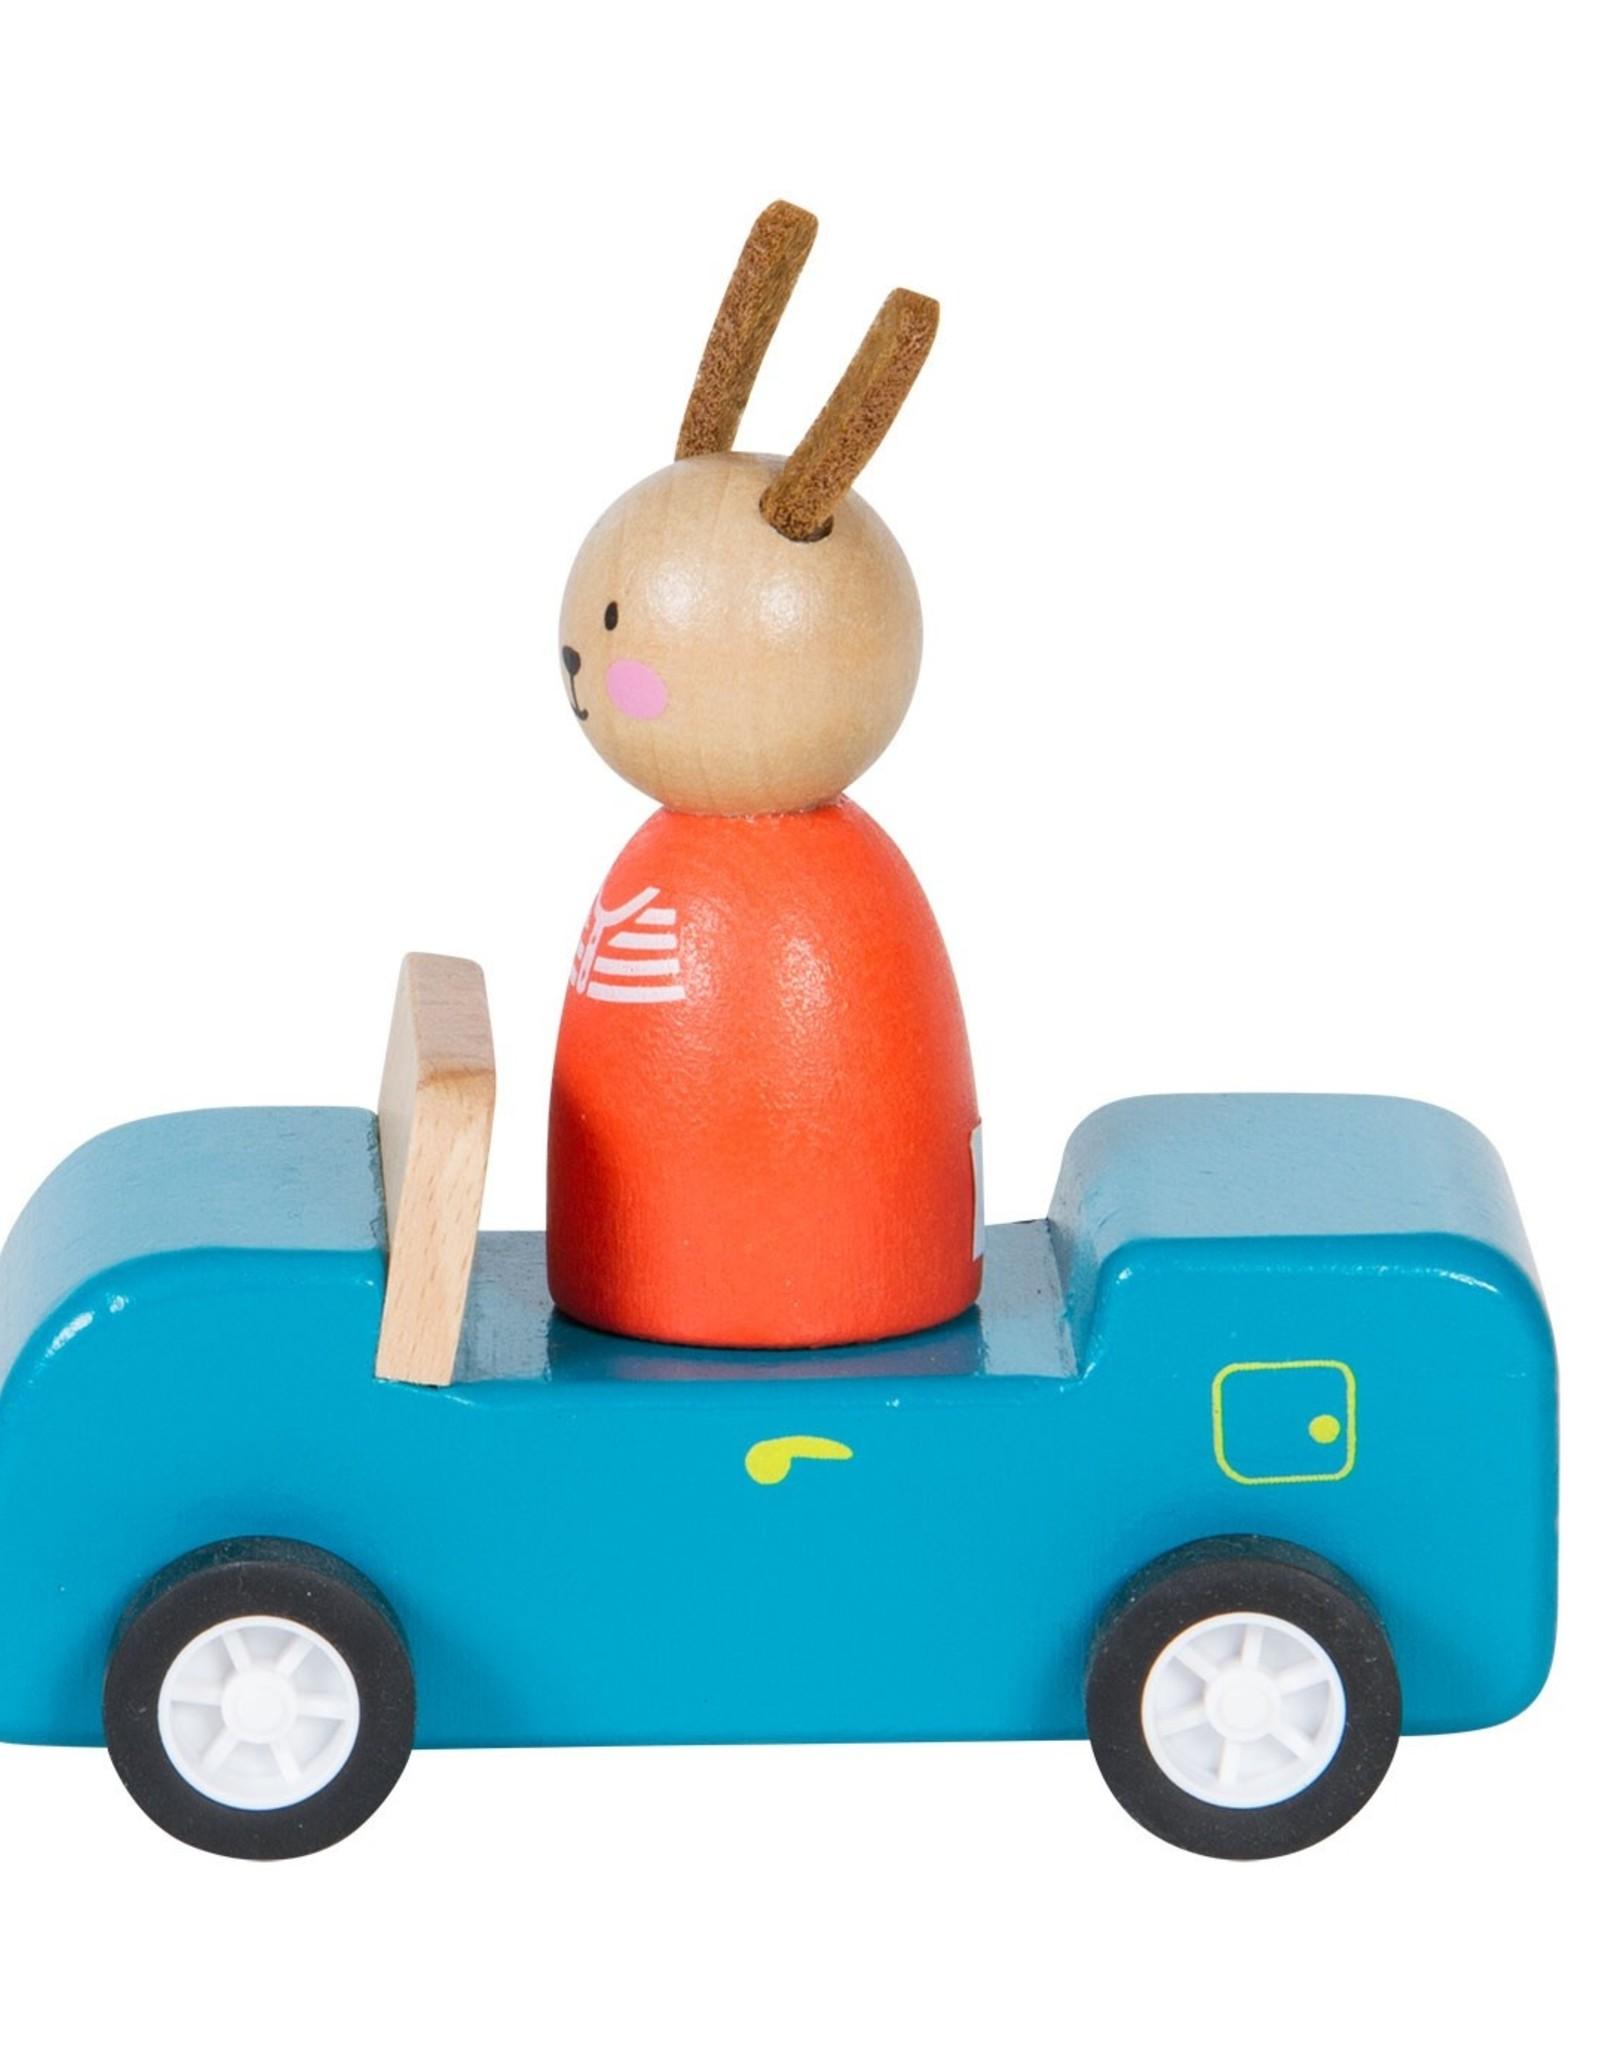 Sylvain's car